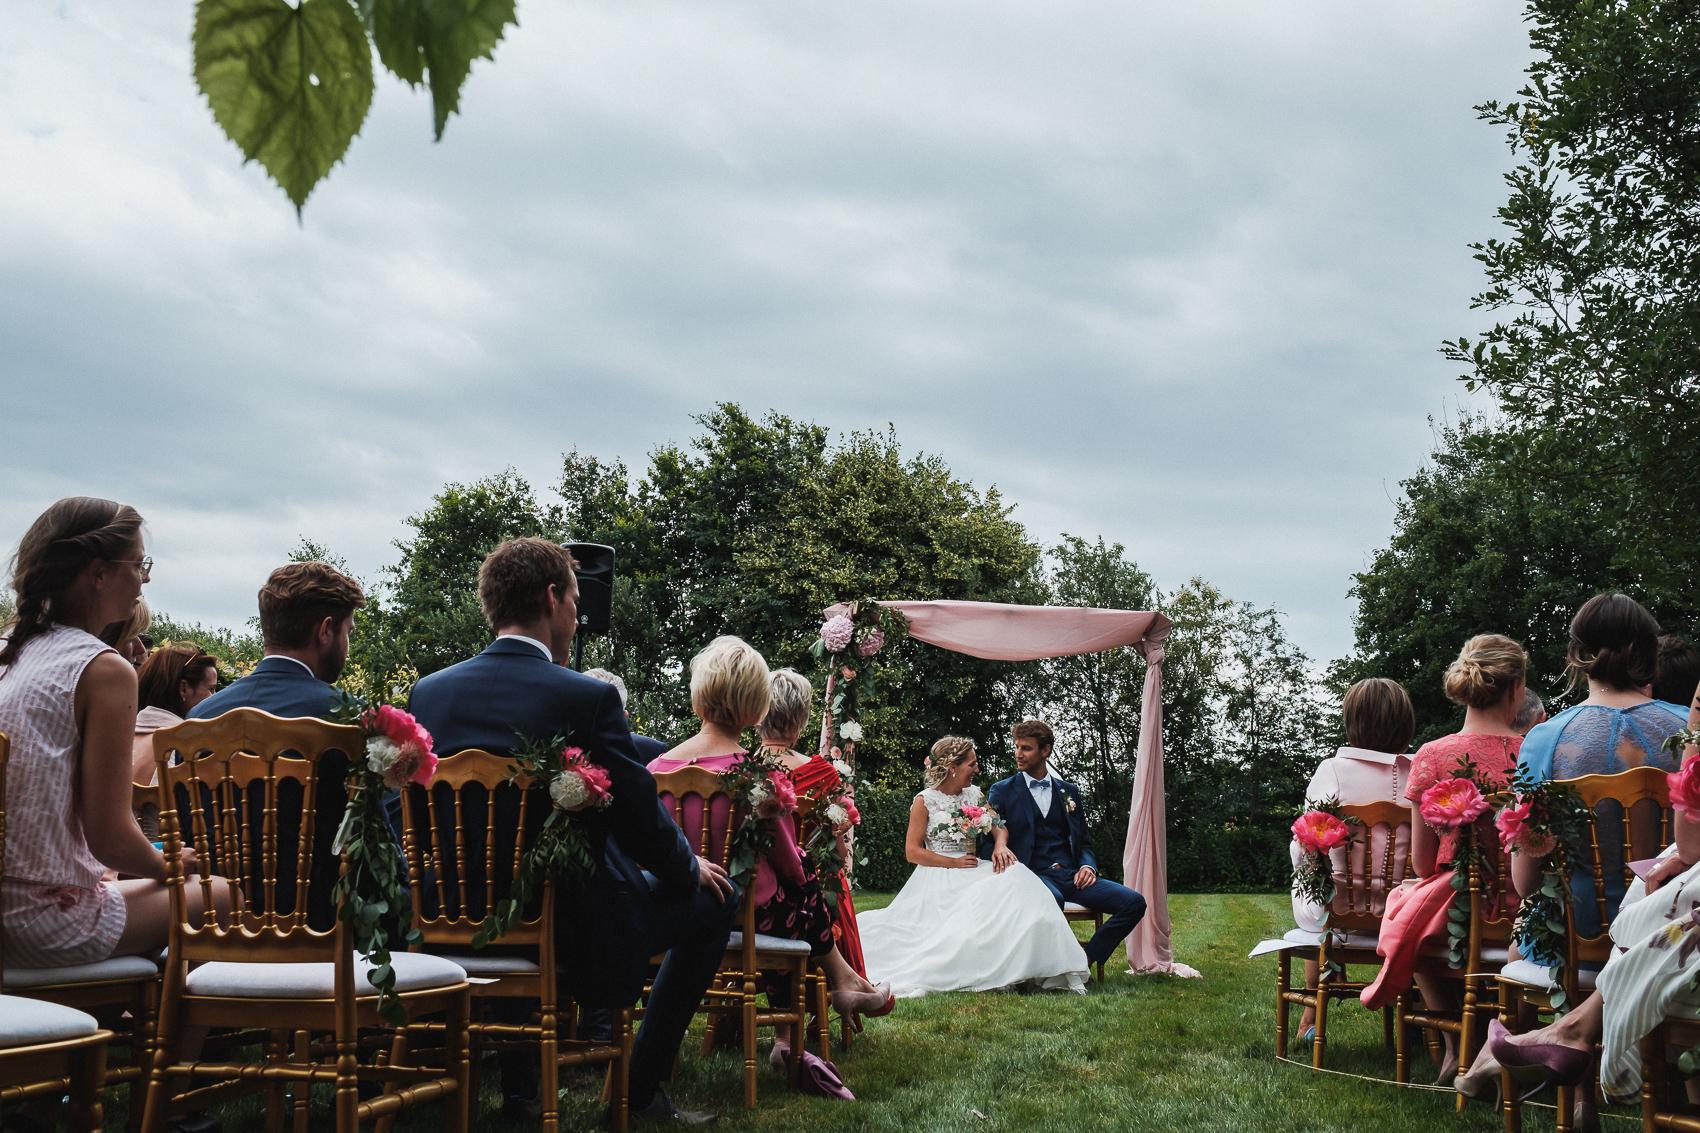 iso800 - fotograaf huwelijk ruth michiel -25.jpg